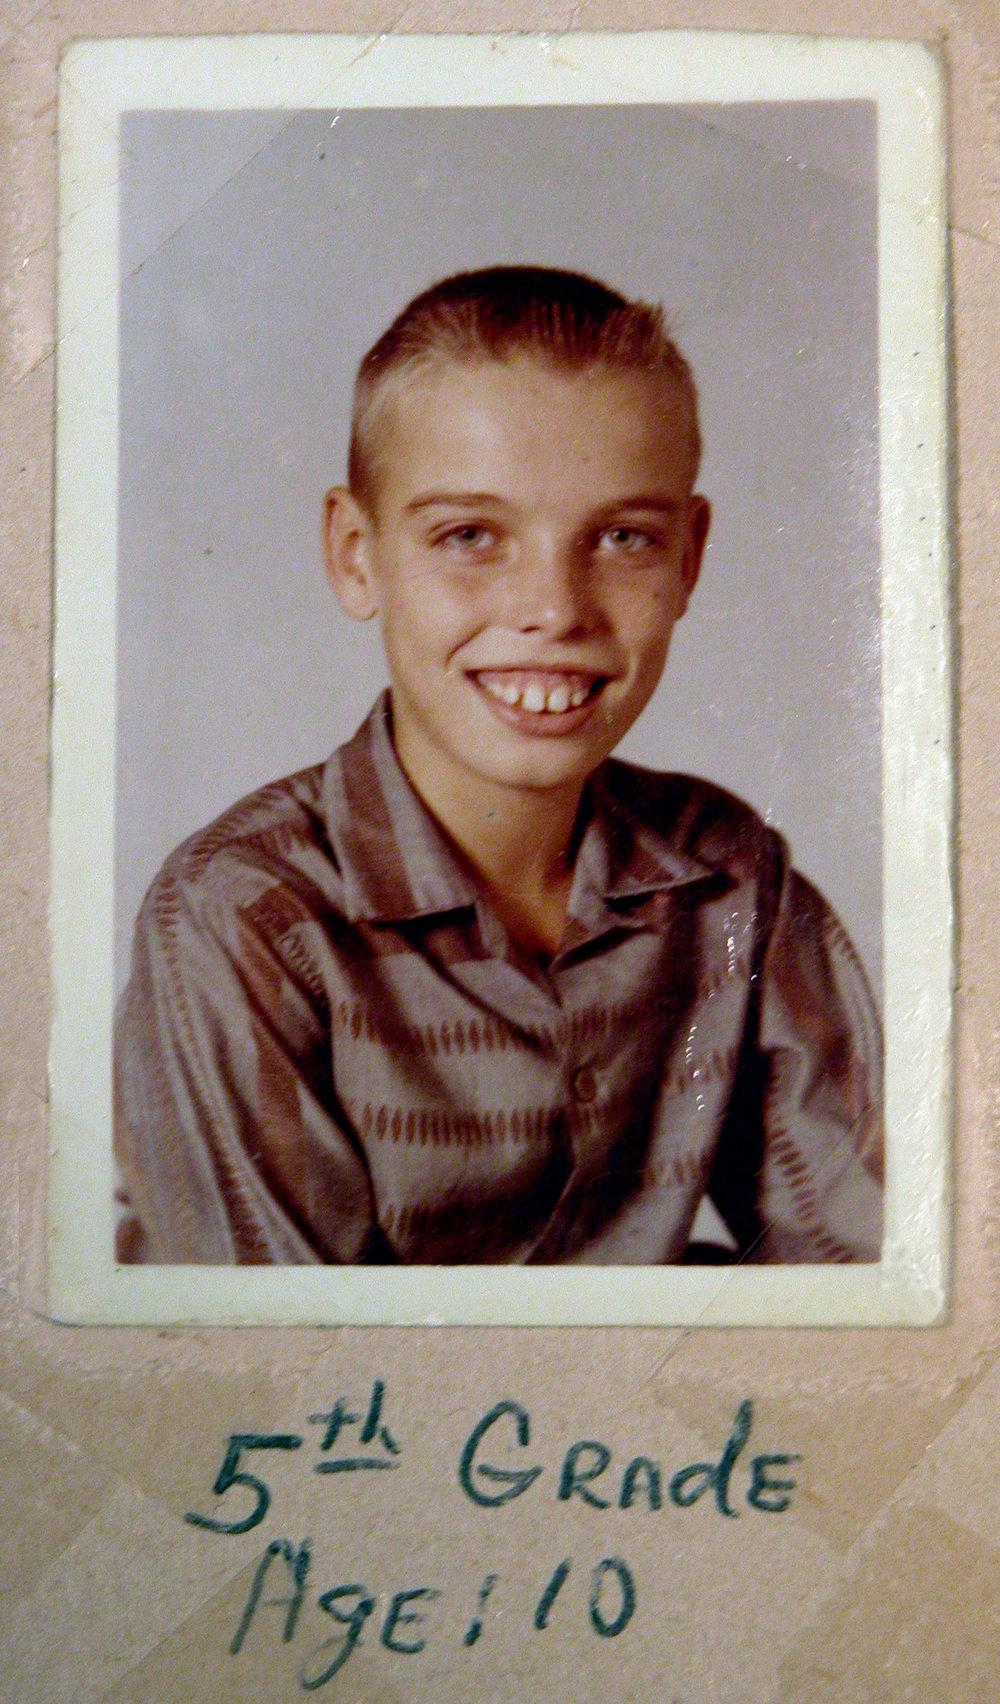 Bob McNeil - 1959 - Age 10 - Fifth Grade School Pic